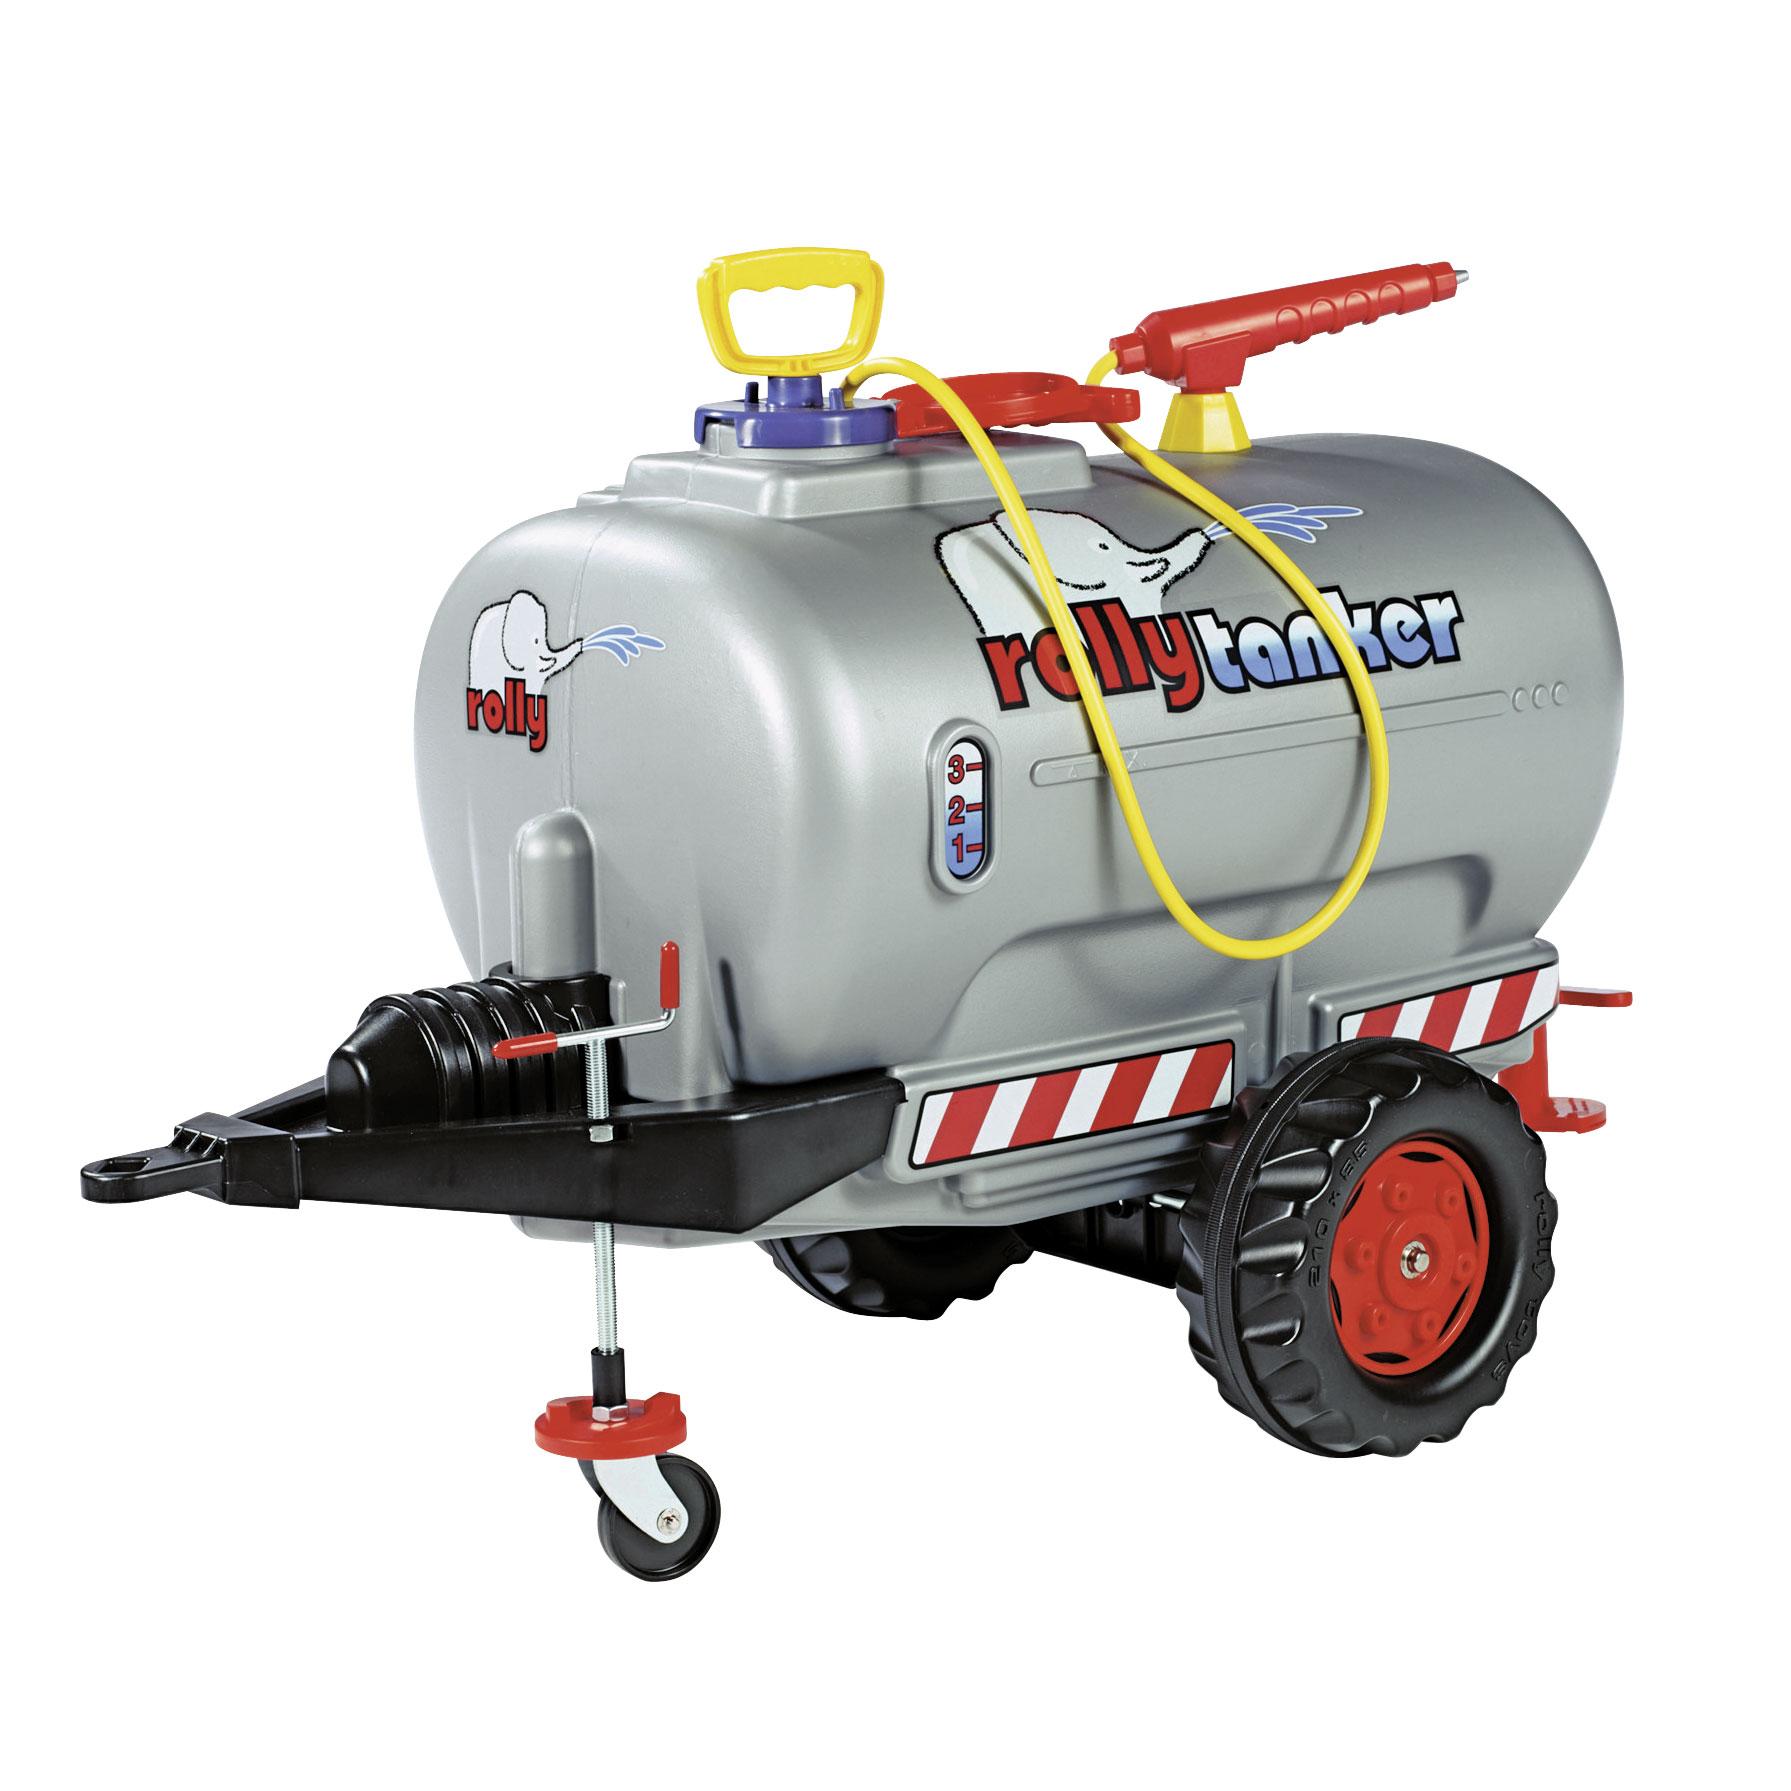 rolly toys tanker wasserfa anh nger trettraktor tanker. Black Bedroom Furniture Sets. Home Design Ideas